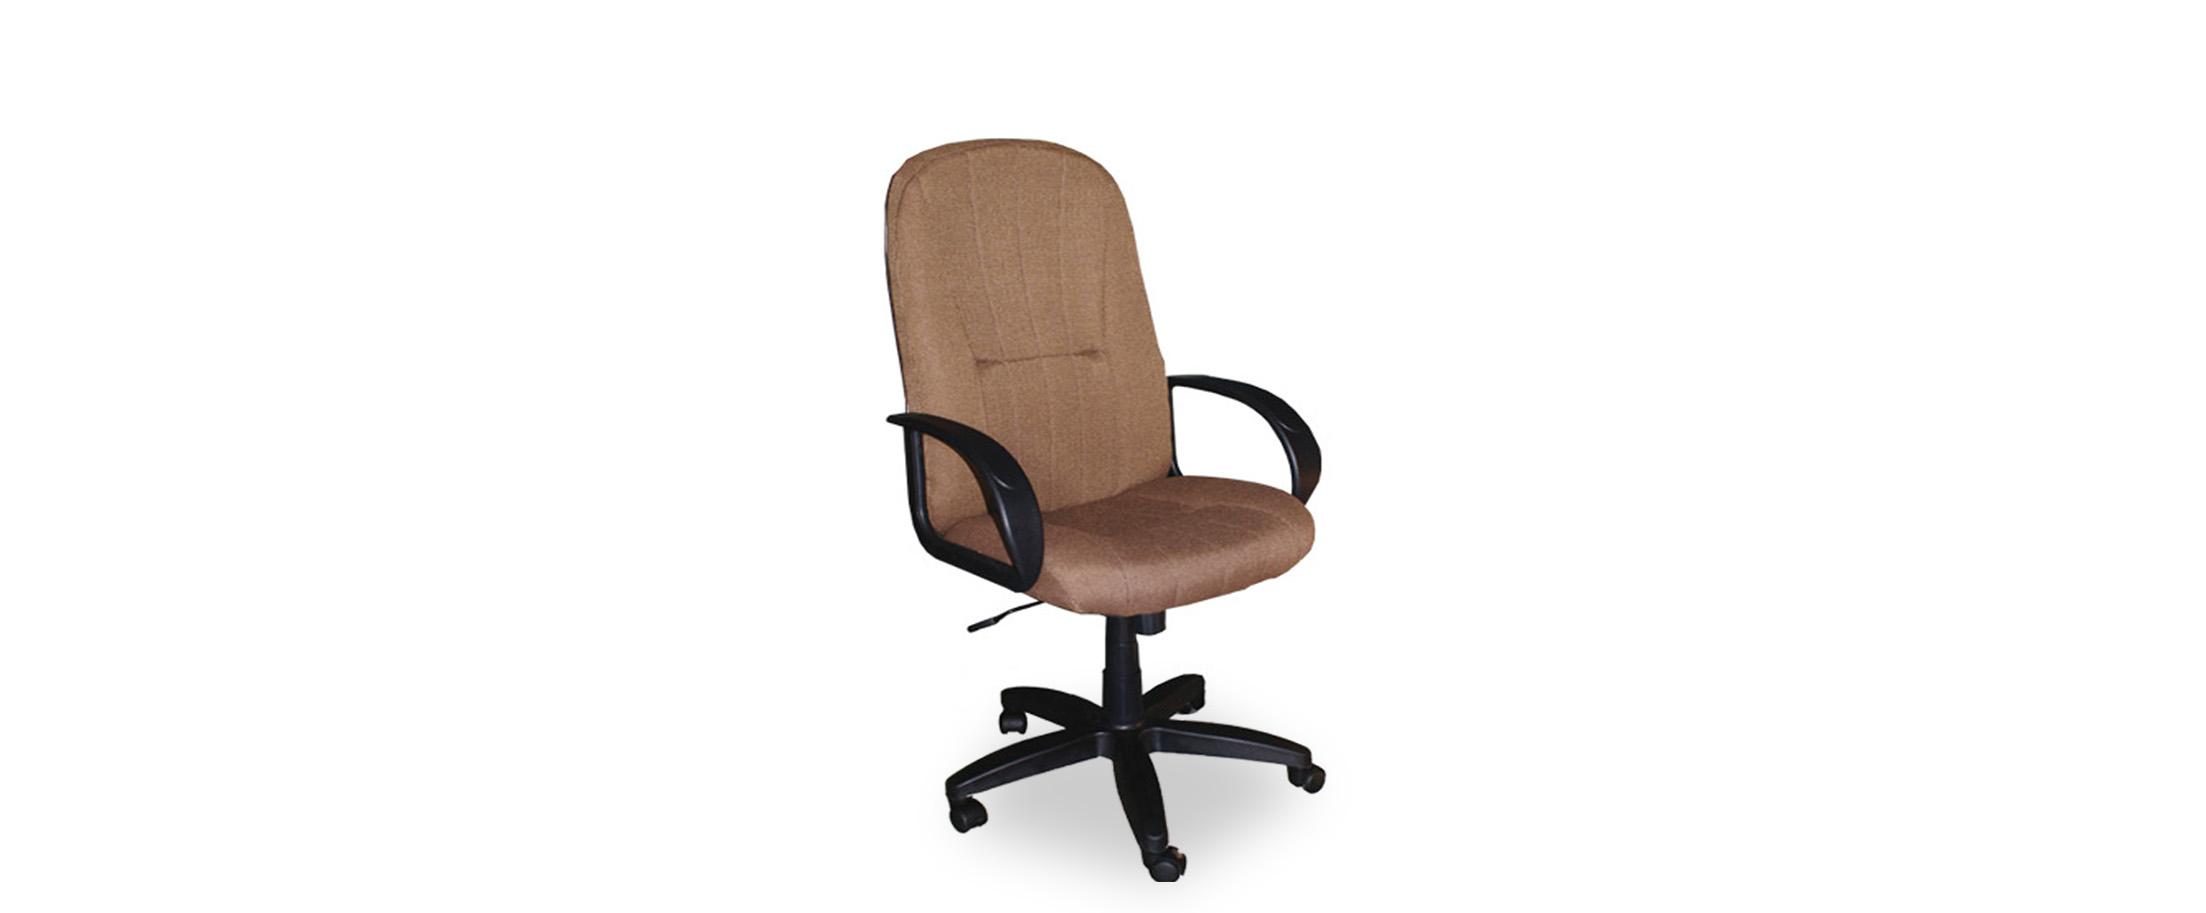 Кресло офисное 902F-1 Модель 376Механизм подъёма и опускания: газ-лифт. Регулировка угла наклона. Максимальная нагрузка 100 кг. Доставка от 1 дня. Купить в интернет-магазине MOON TRADE.  Артикул: Д000194.<br>